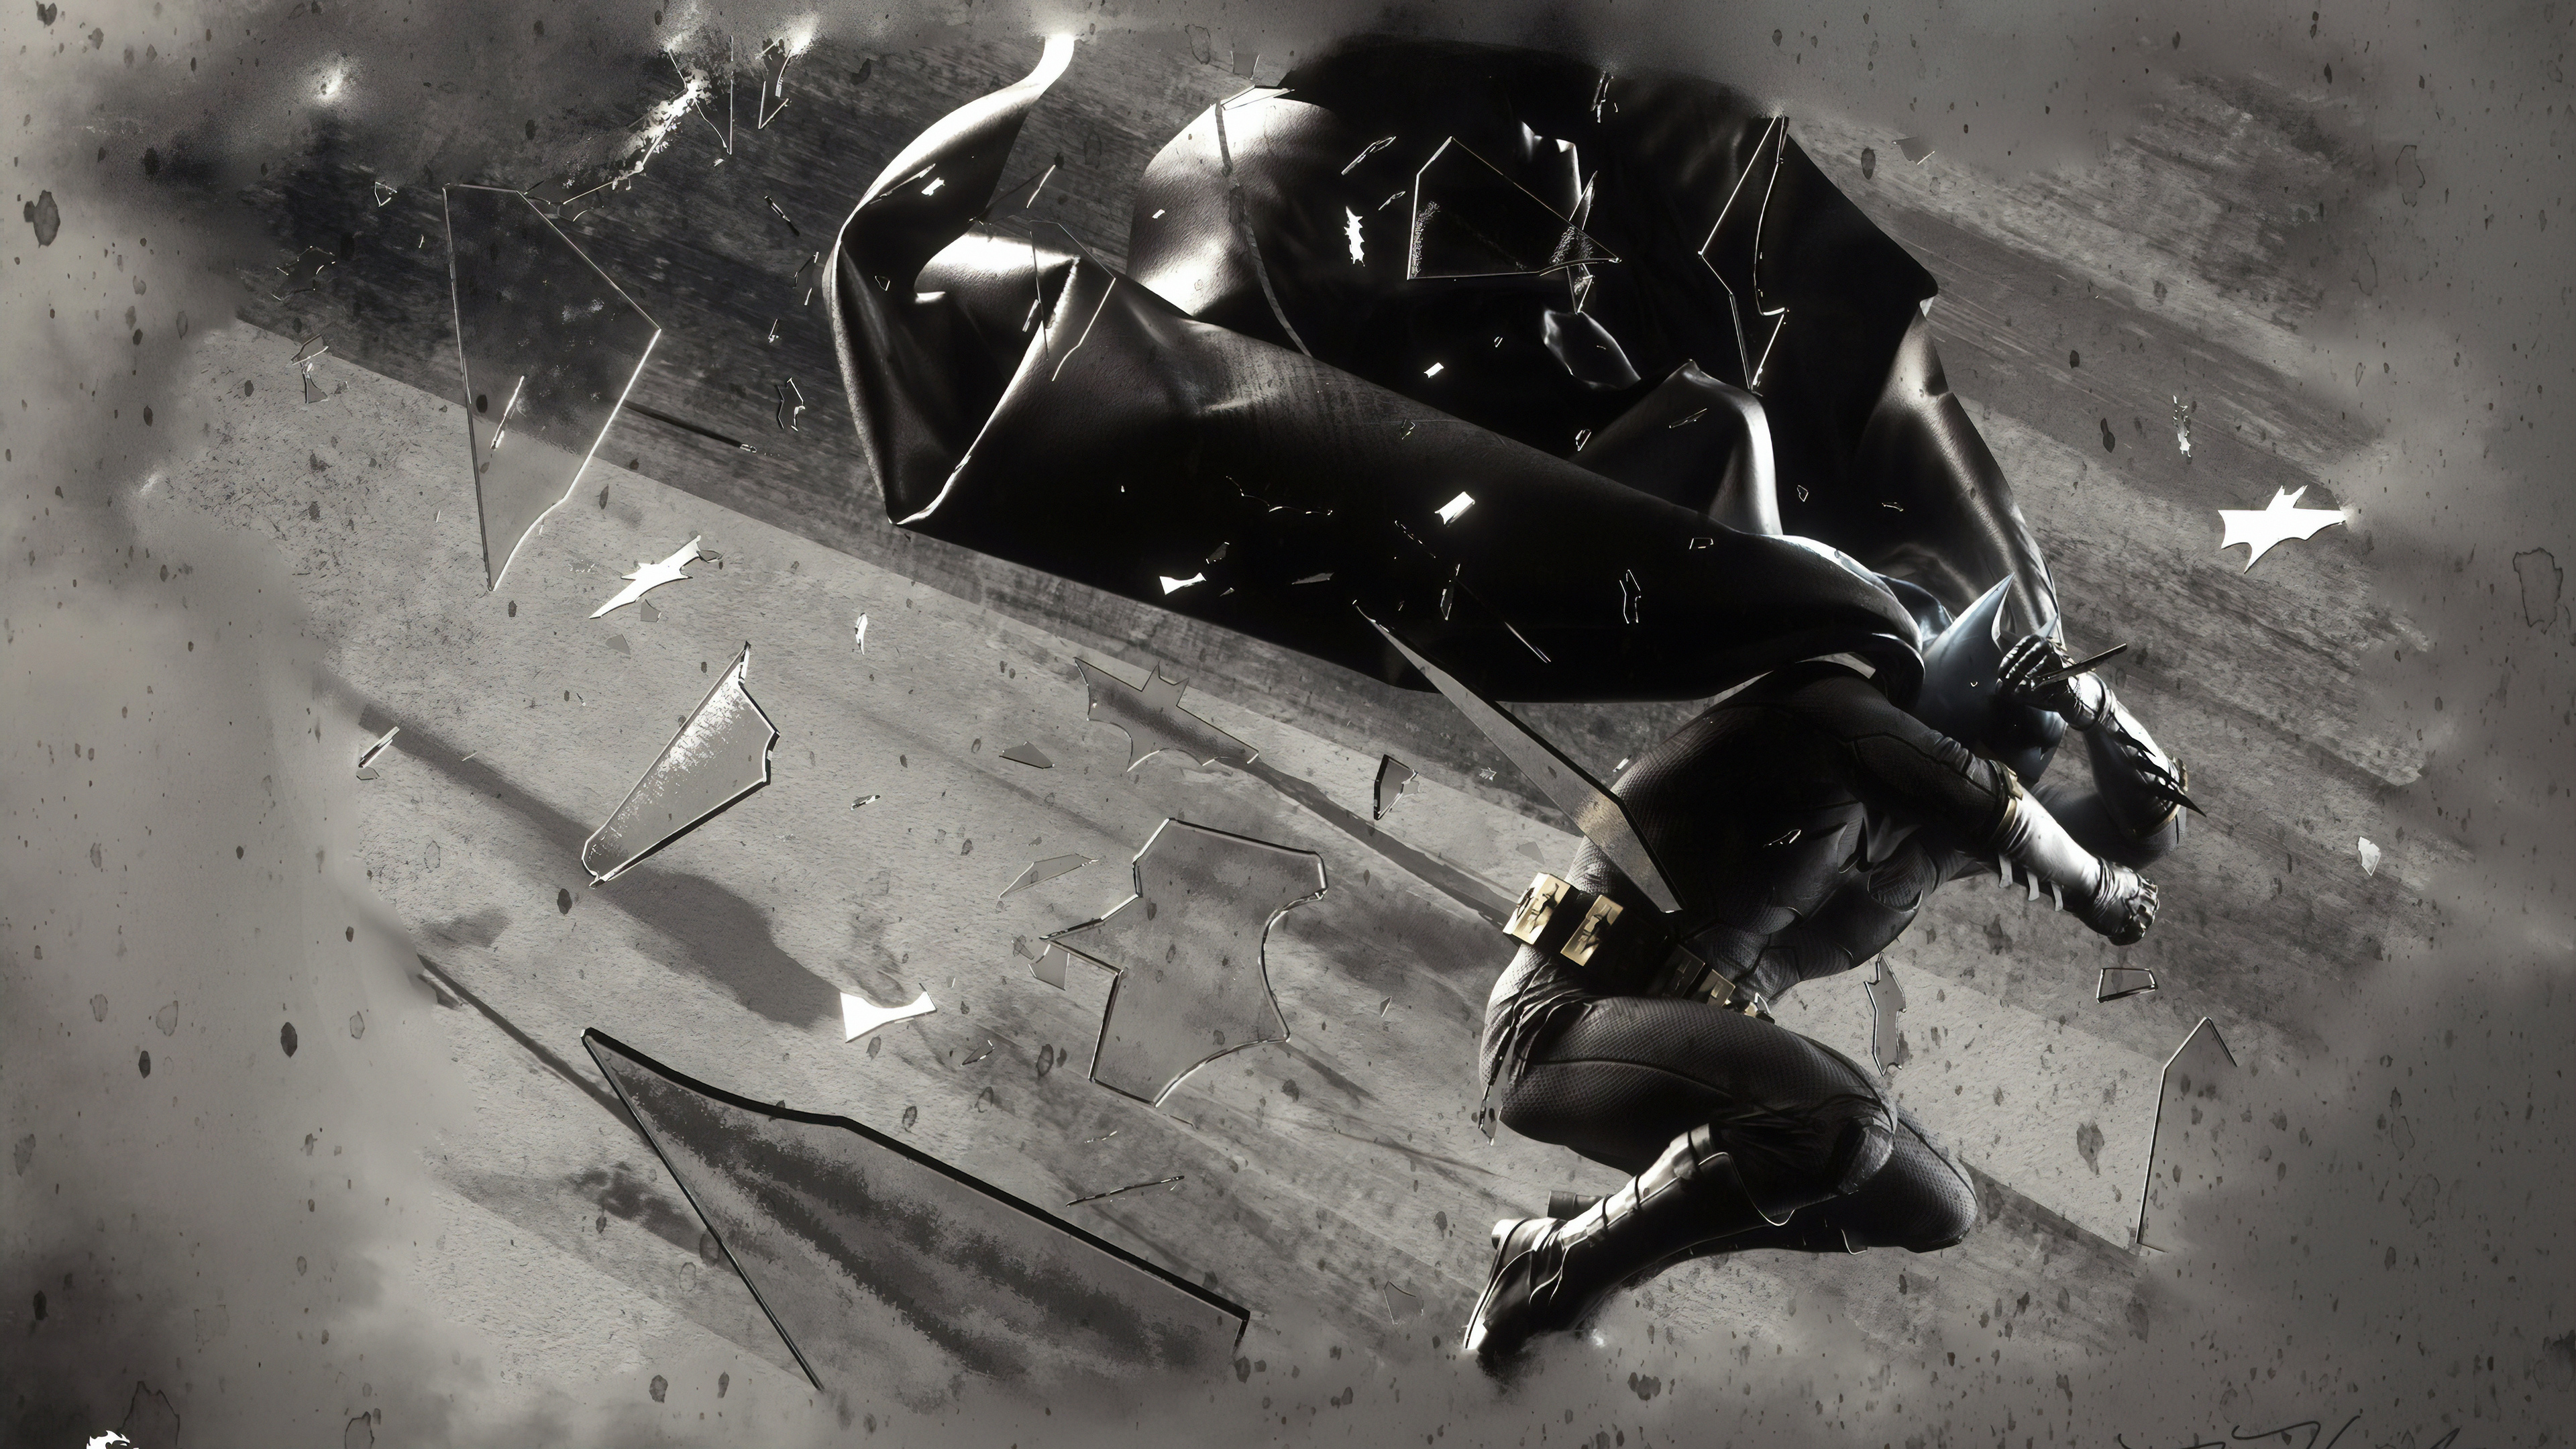 batman legend 1562105867 - Batman Legend - superheroes wallpapers, hd-wallpapers, digital art wallpapers, batman wallpapers, artwork wallpapers, artstation wallpapers, 4k-wallpapers